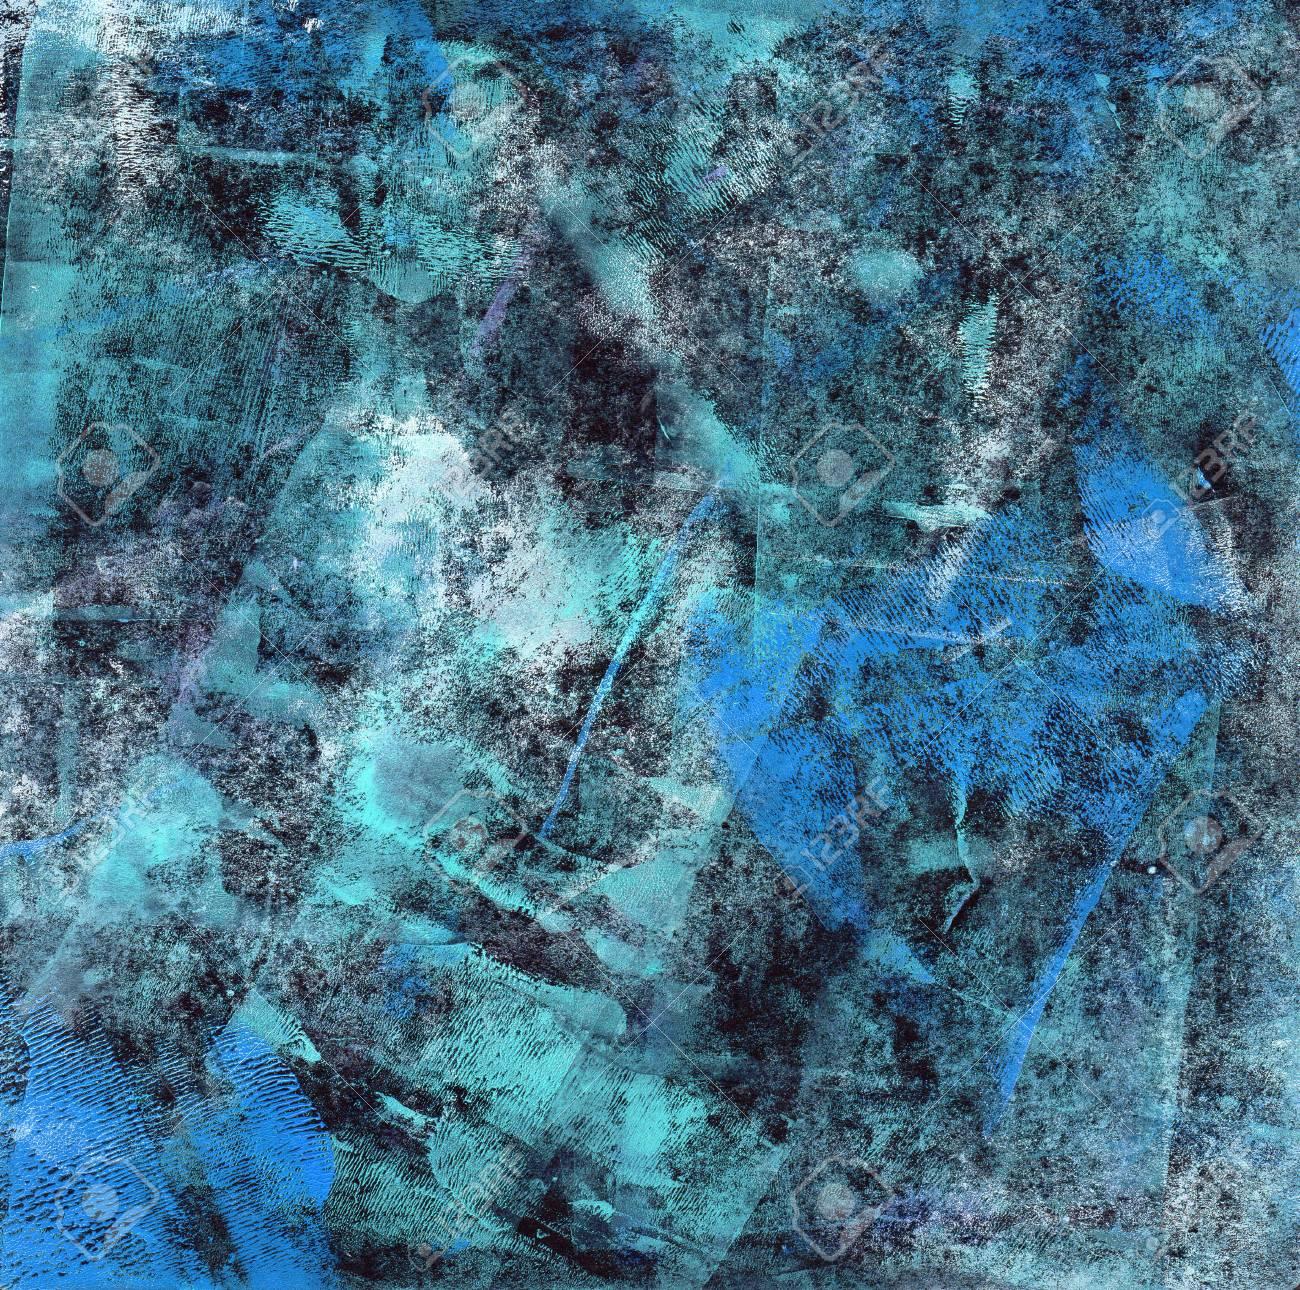 banque dimages blue abstract abstract texture des diffrentes nuances de bleu faites avec de la peinture acrylique